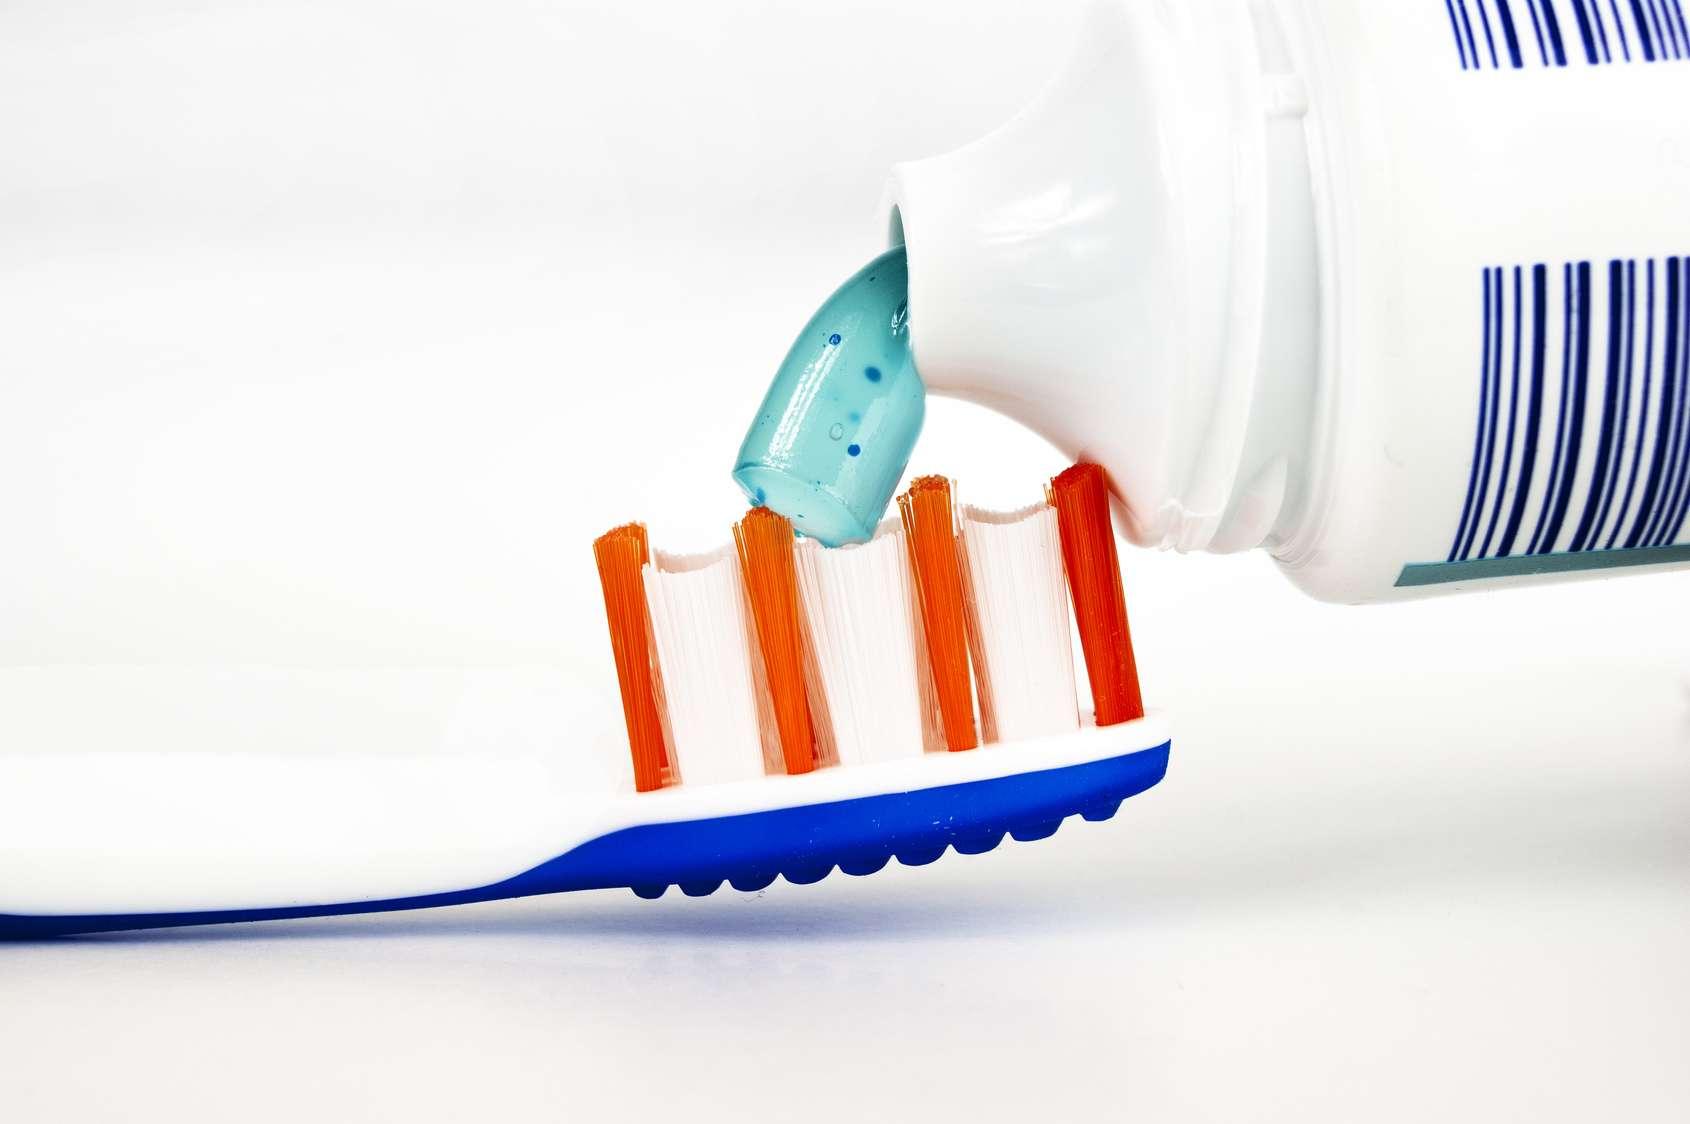 Une étude montre que les femmes utilisant quotidiennement des produits contenant du triclosan, comme par exemple certains dentifrices, ont des os plus fragiles. © Bernd, Fotolia